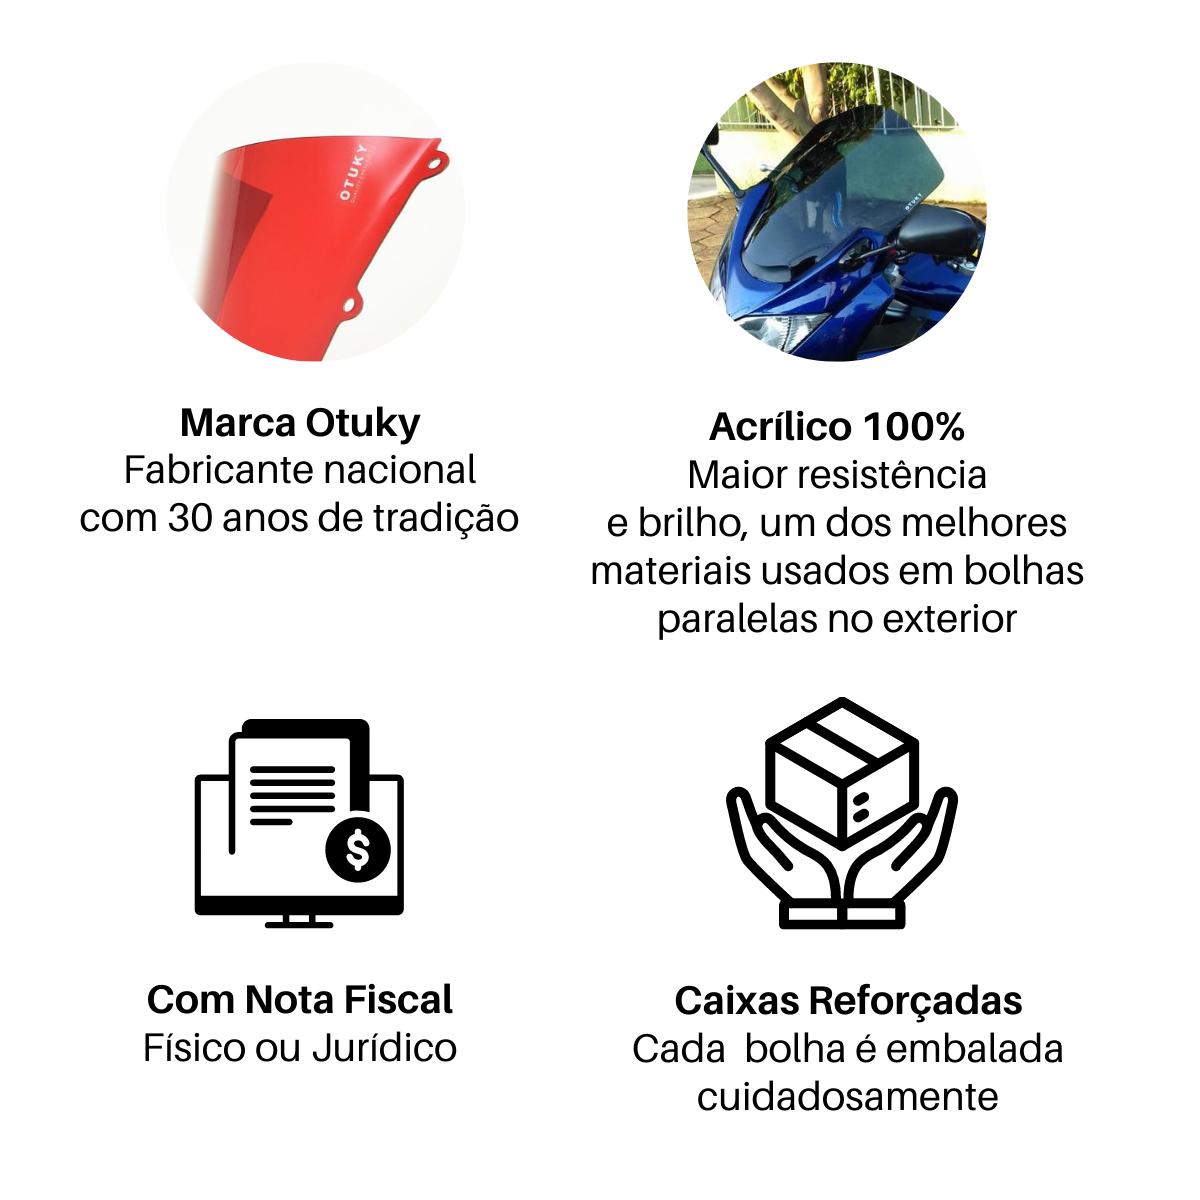 Bolha para Moto Nmax 160 2017 2018 2019 2020 2021 Otuky Padrão Vermelho